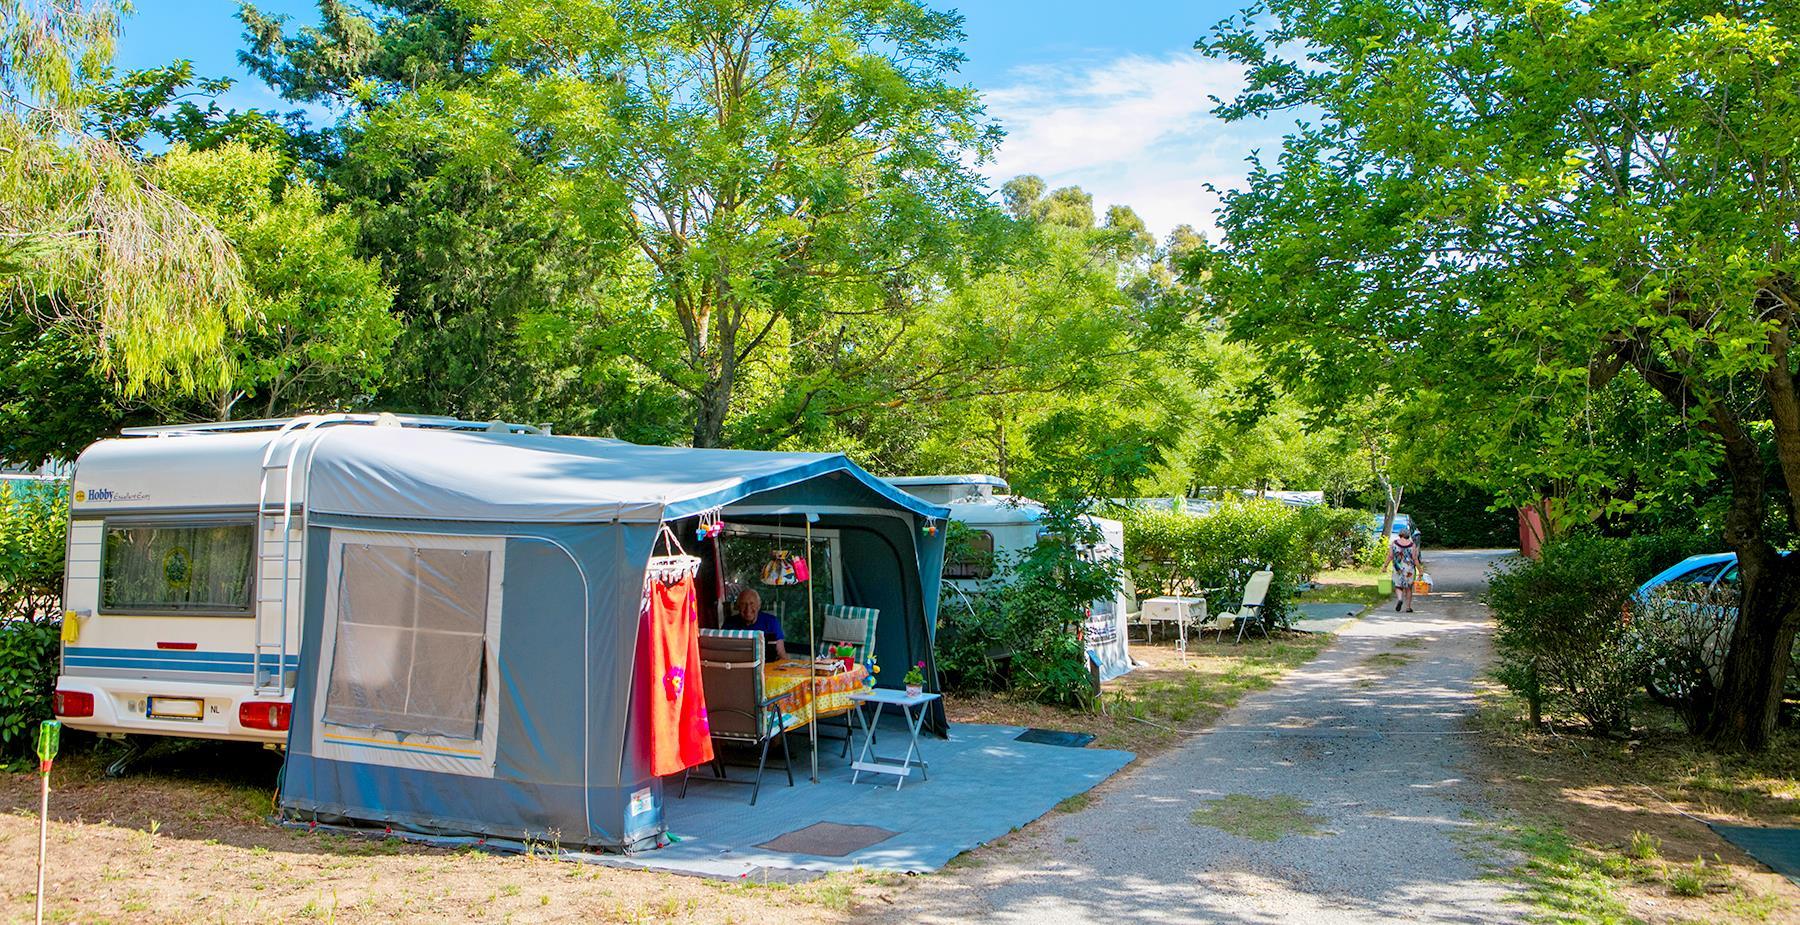 Emplacement - Emplacement Grand Confort Avec Branchement Eau Et Évacuation Eaux Usées +80M² - Camping Castel Domaine de la Bergerie